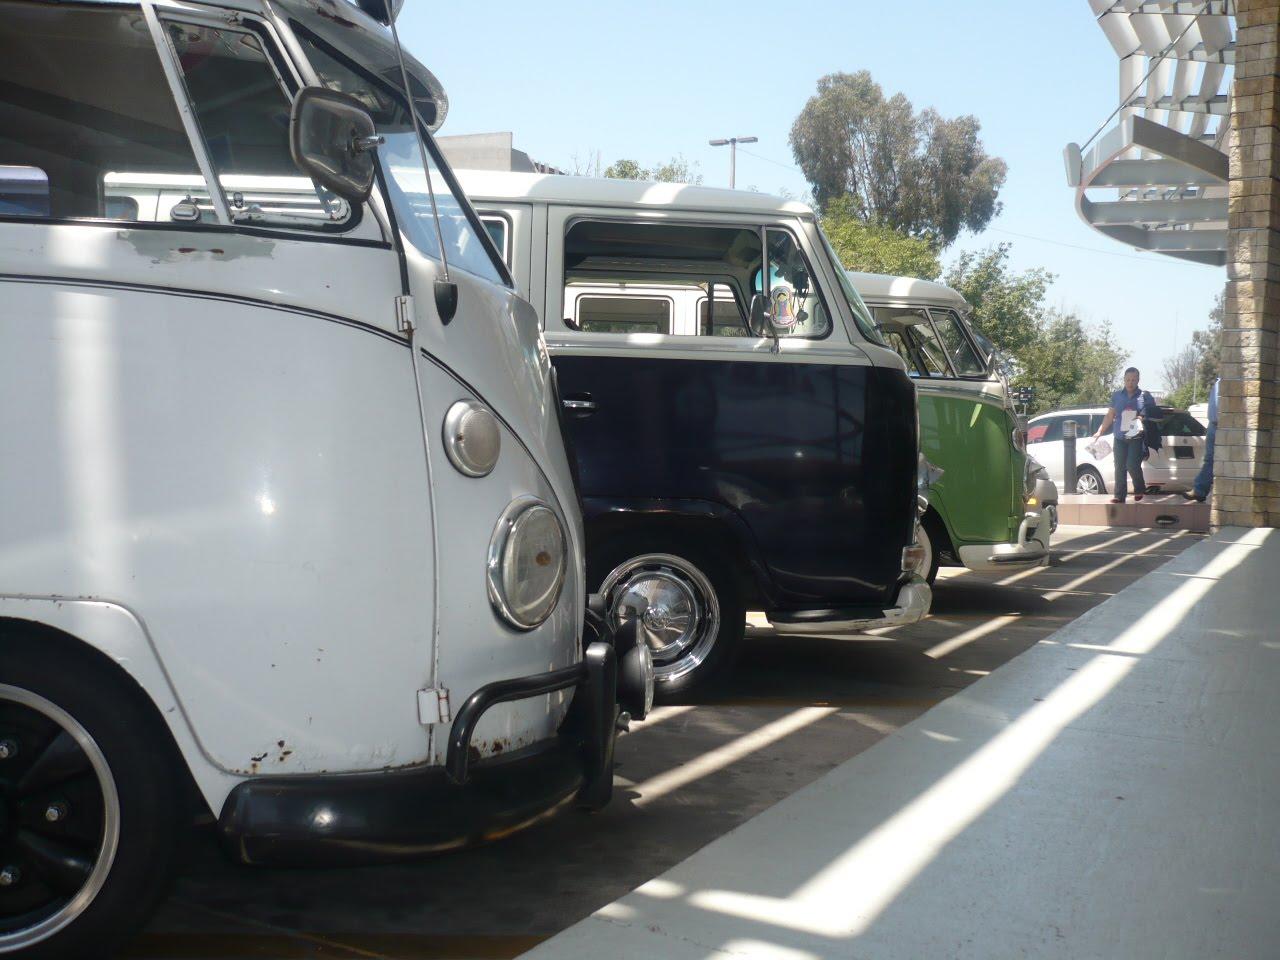 BUSES ONLY: CARAVANA CON AUTOS DE AGENCIA VW TIJUANA